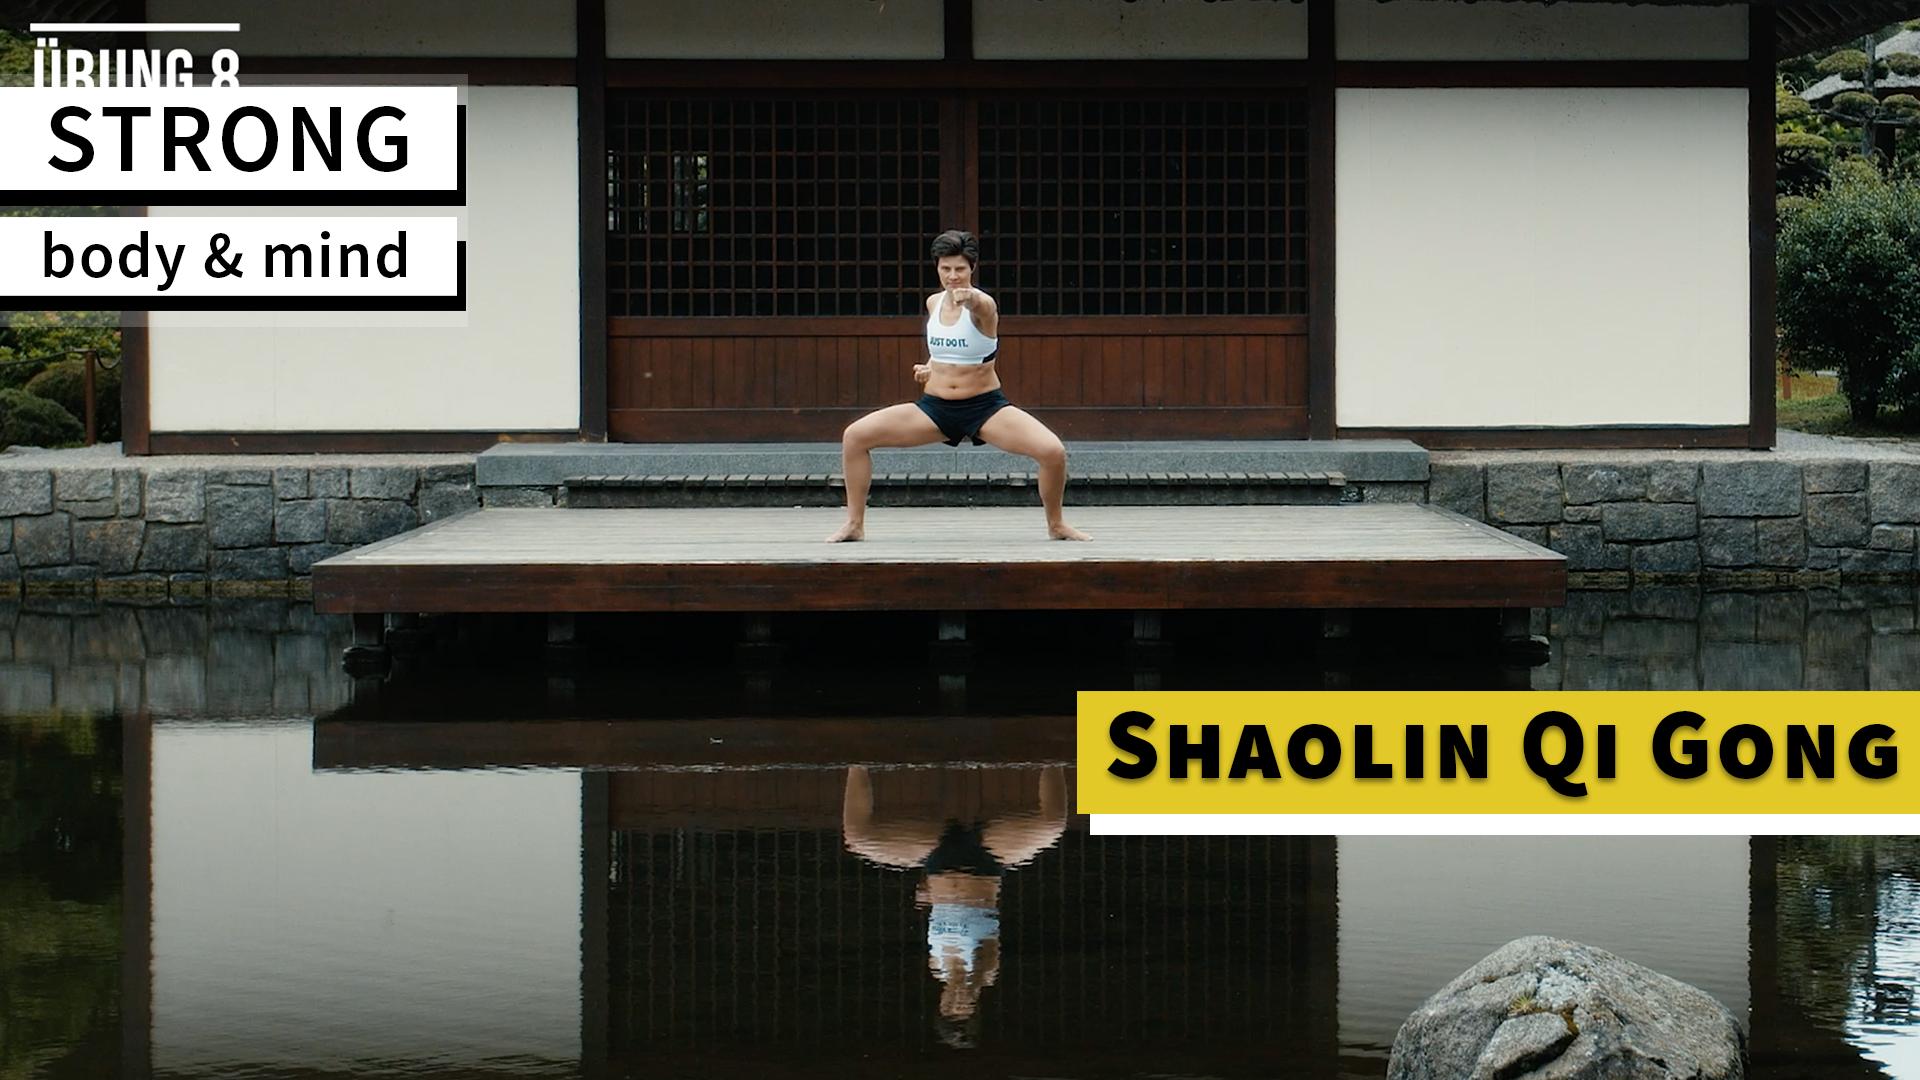 Shaolin Qi Gong in a calming scenery